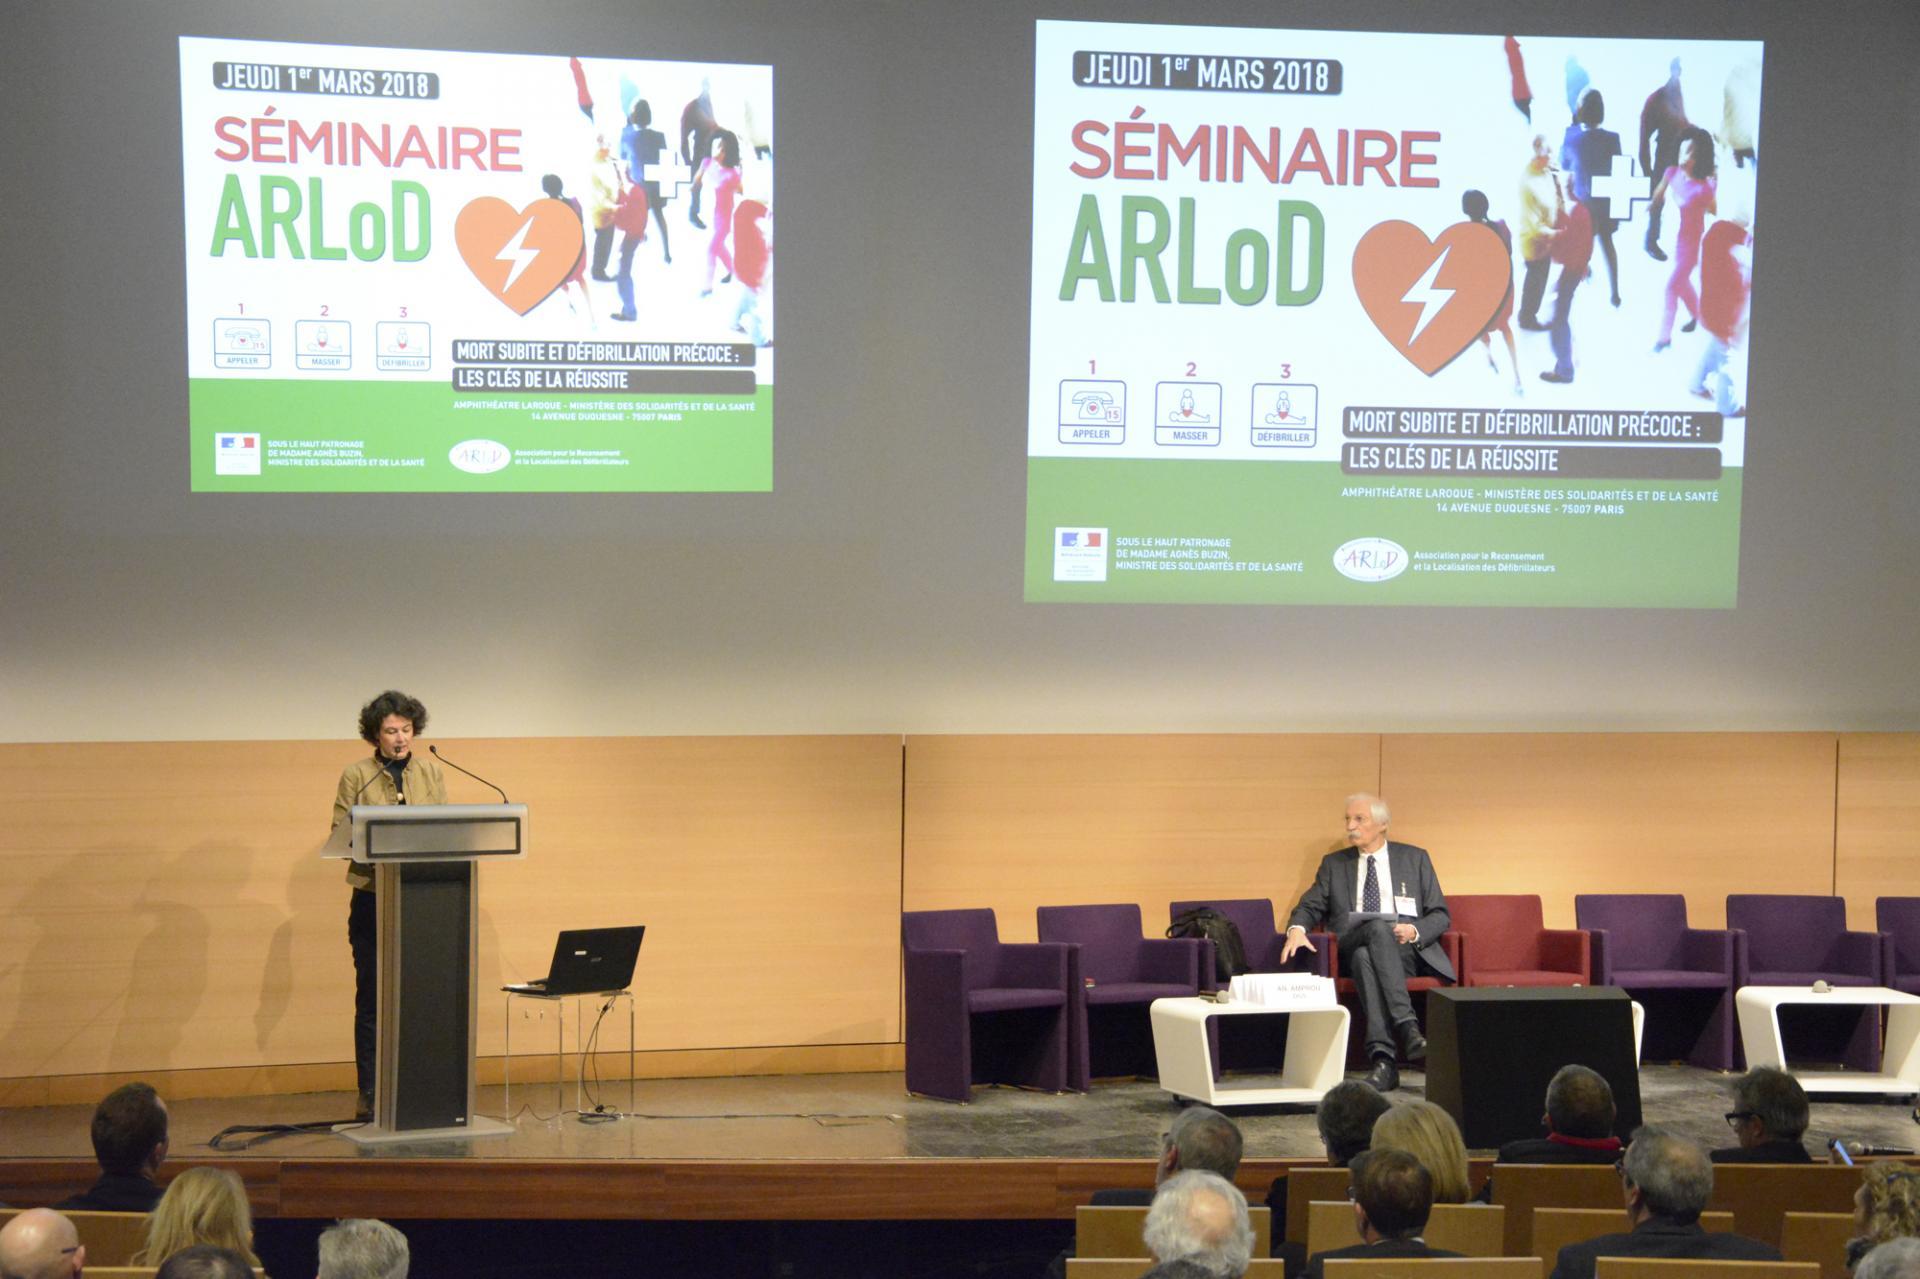 Madame Anne-Claire Amprou - DGS - Introduction du séminaire